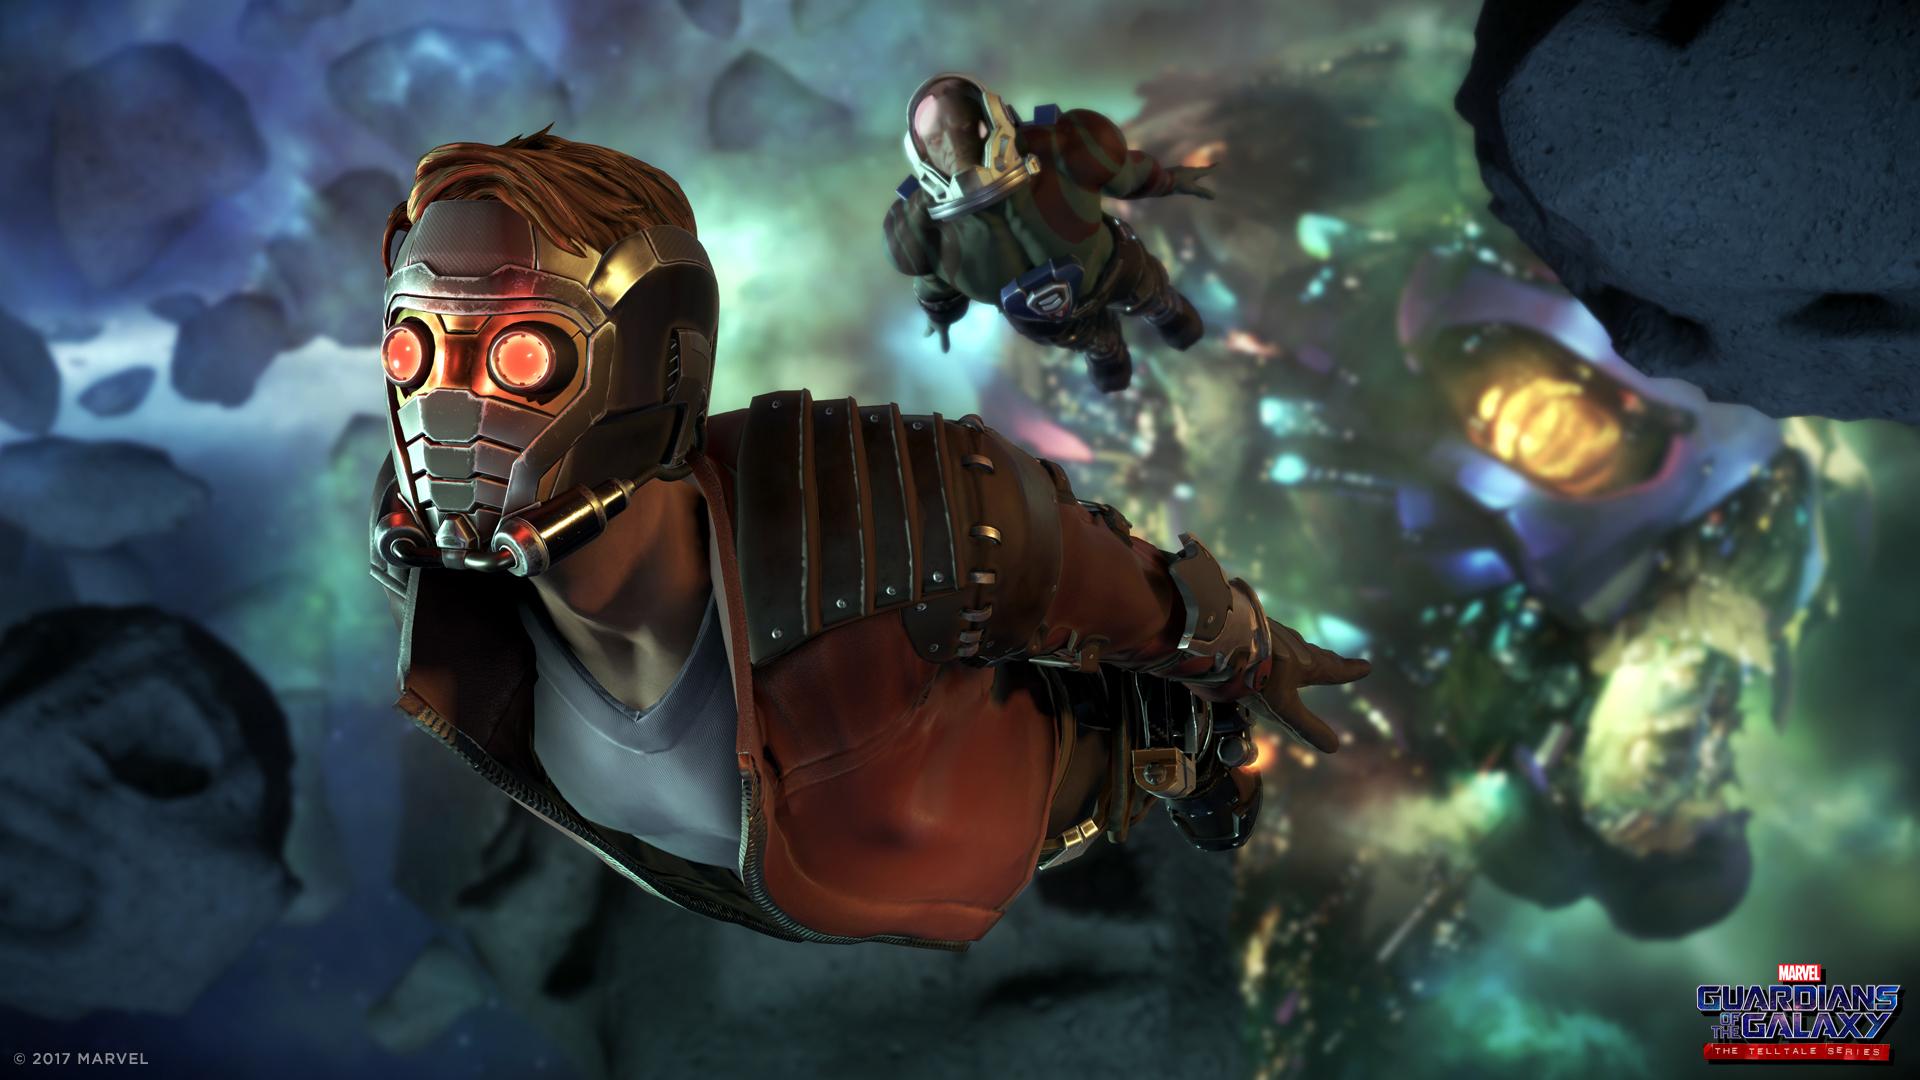 Proteja a galáxia com os guardiões da Marvel neste novo jogo da Telltale